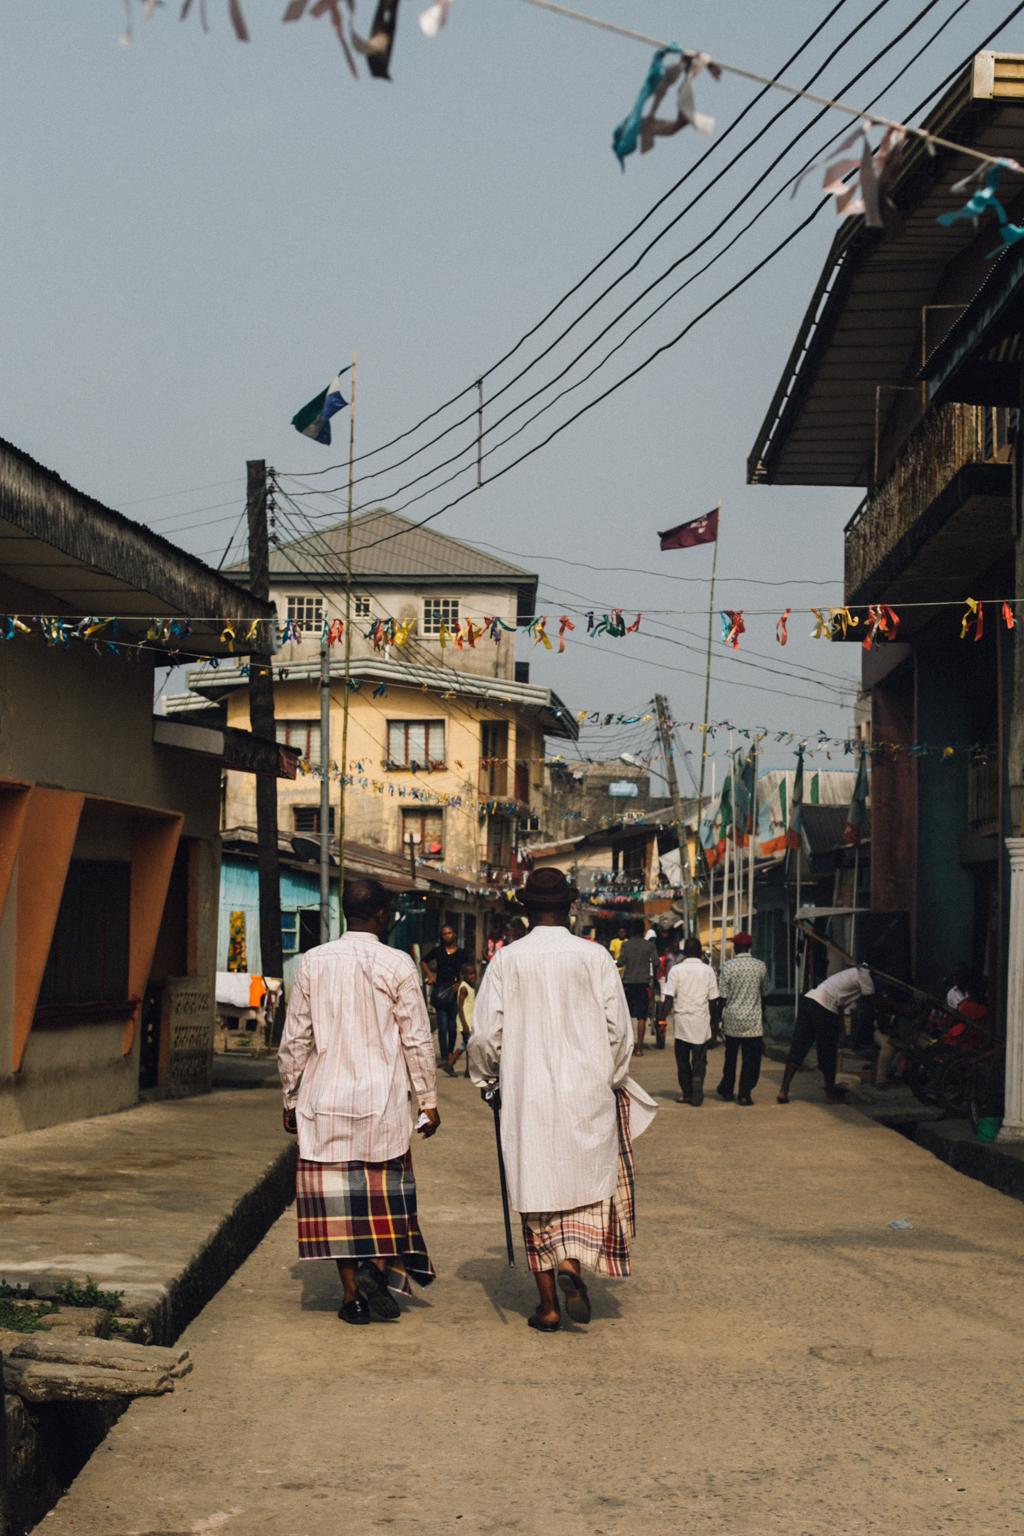 Two men walking in Opobo